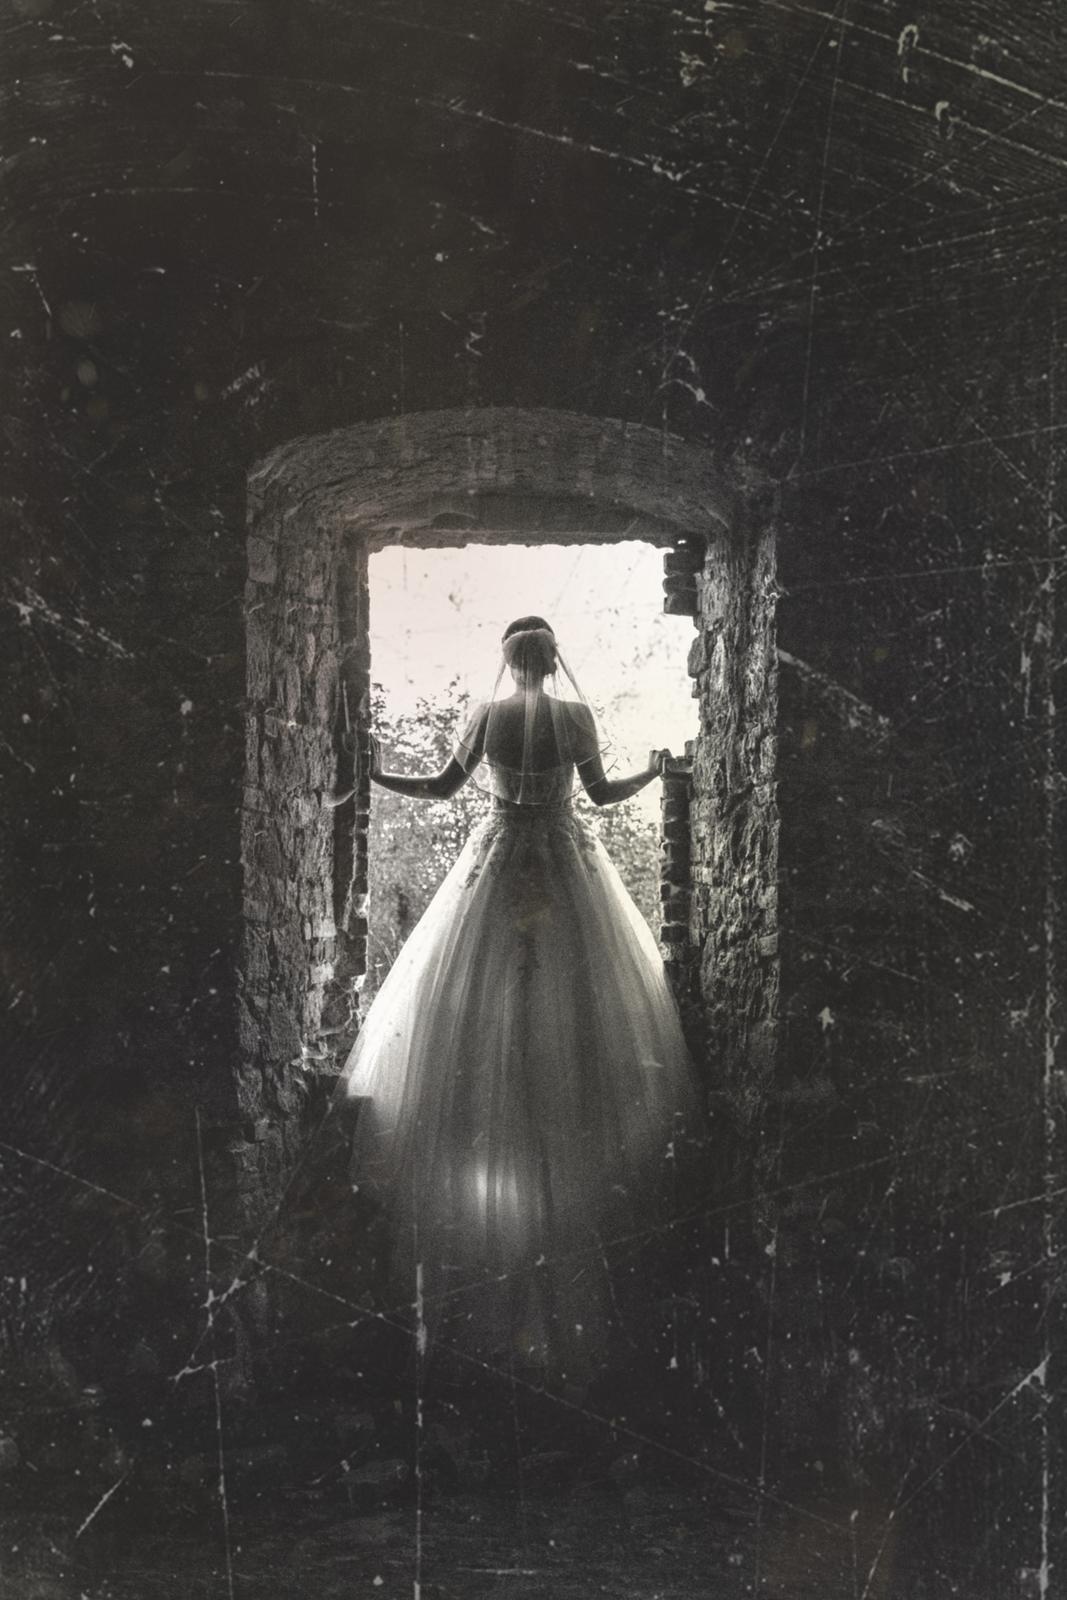 T & T svadobné fotky z opusteného kaštieľa - Obrázok č. 10